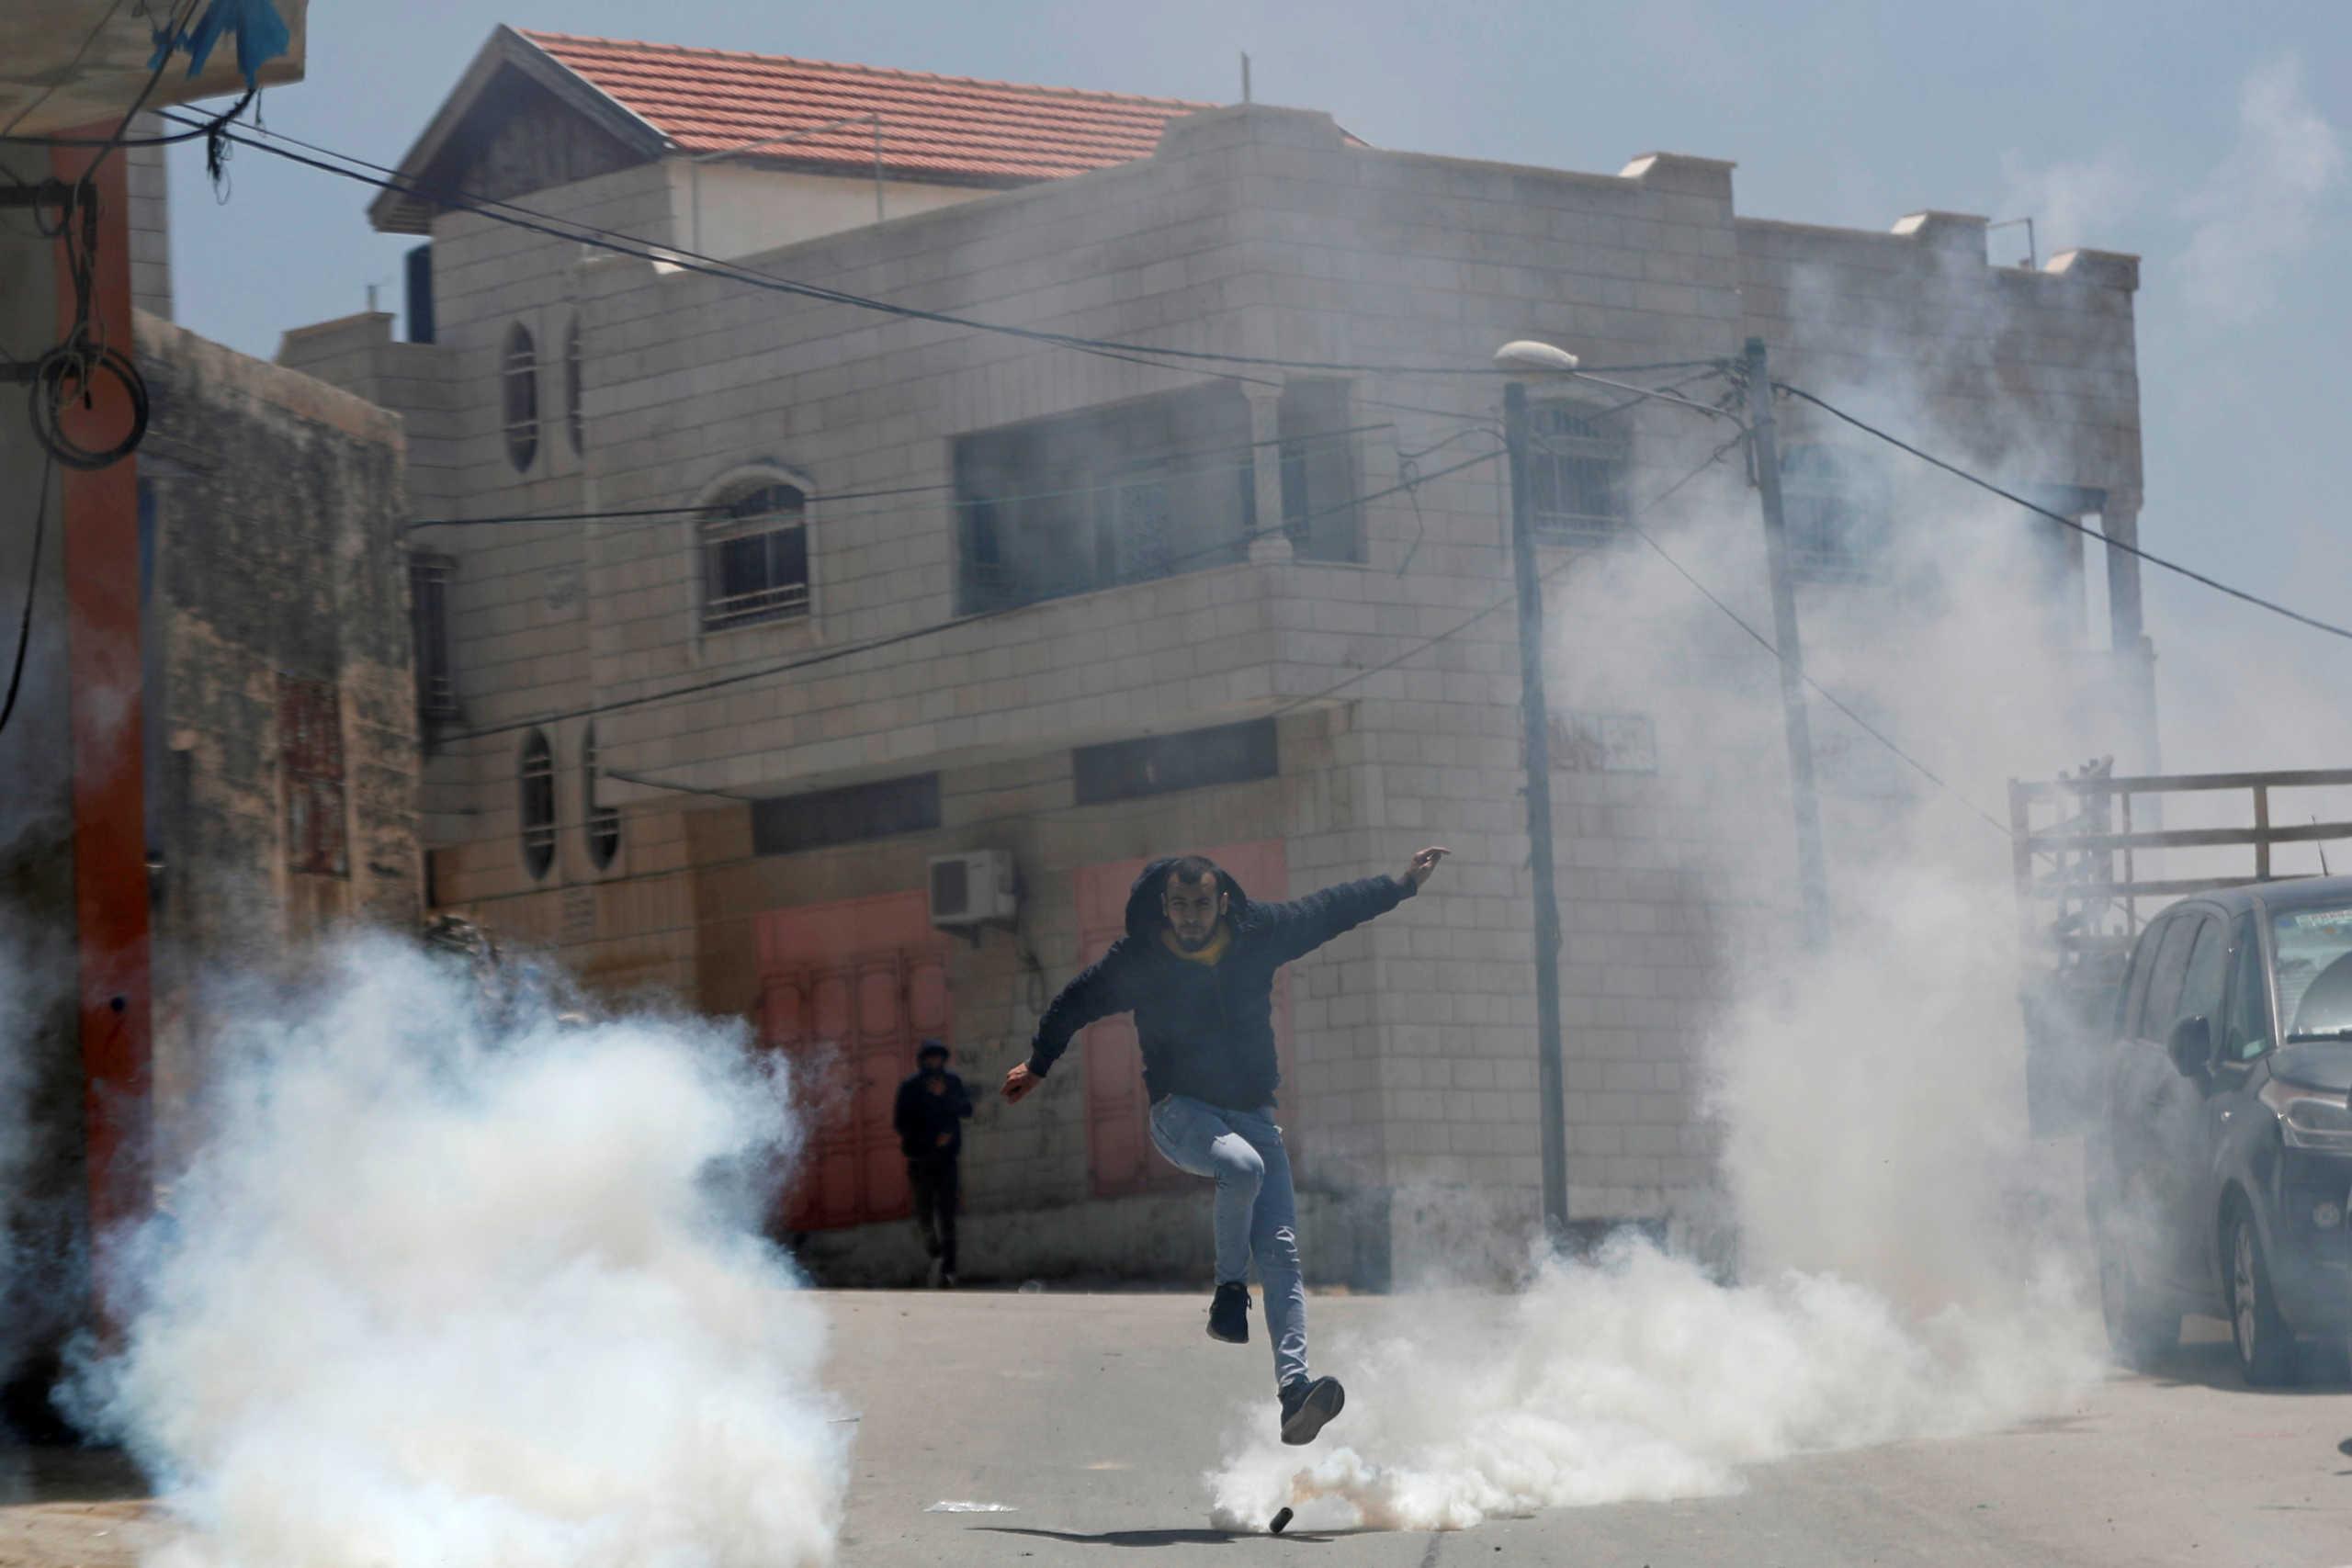 Στο Ισραήλ ο Πομπέο για την προσάρτηση εδαφών στην Δυτική Όχθη – Νεκρός έφηβος Παλαιστίνιος από σφαίρες